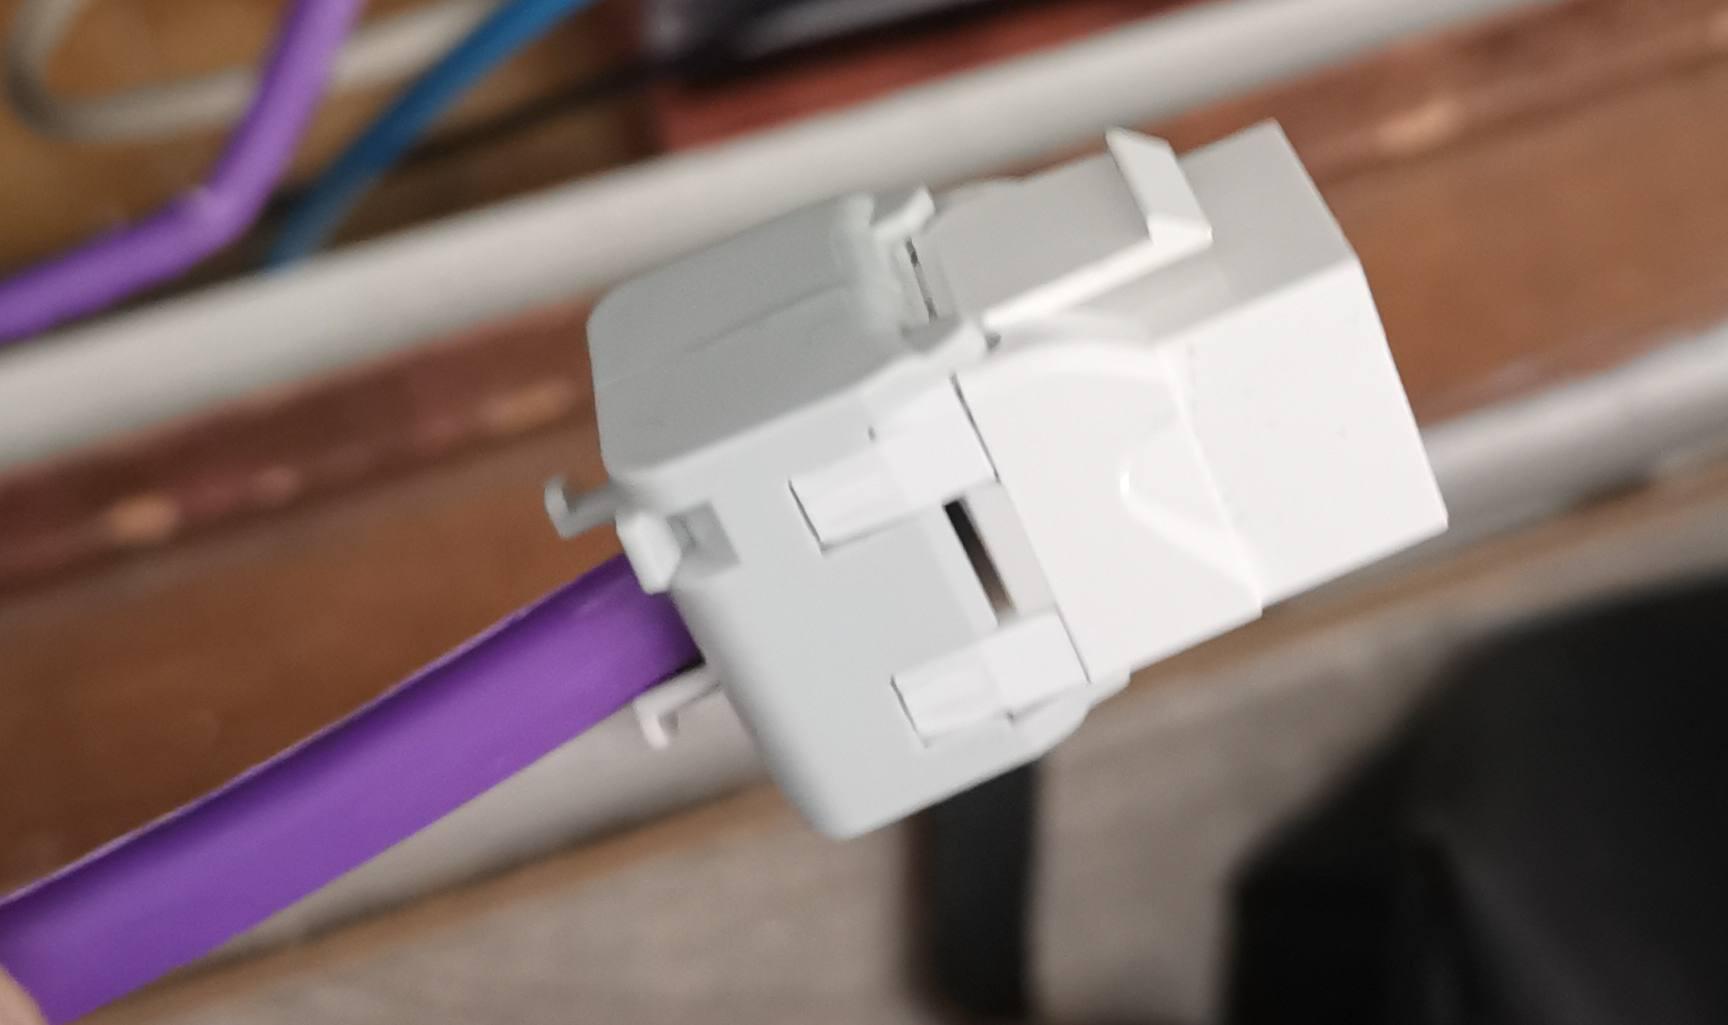 Le connecteur est refermé, presque prêt à l'emploi.